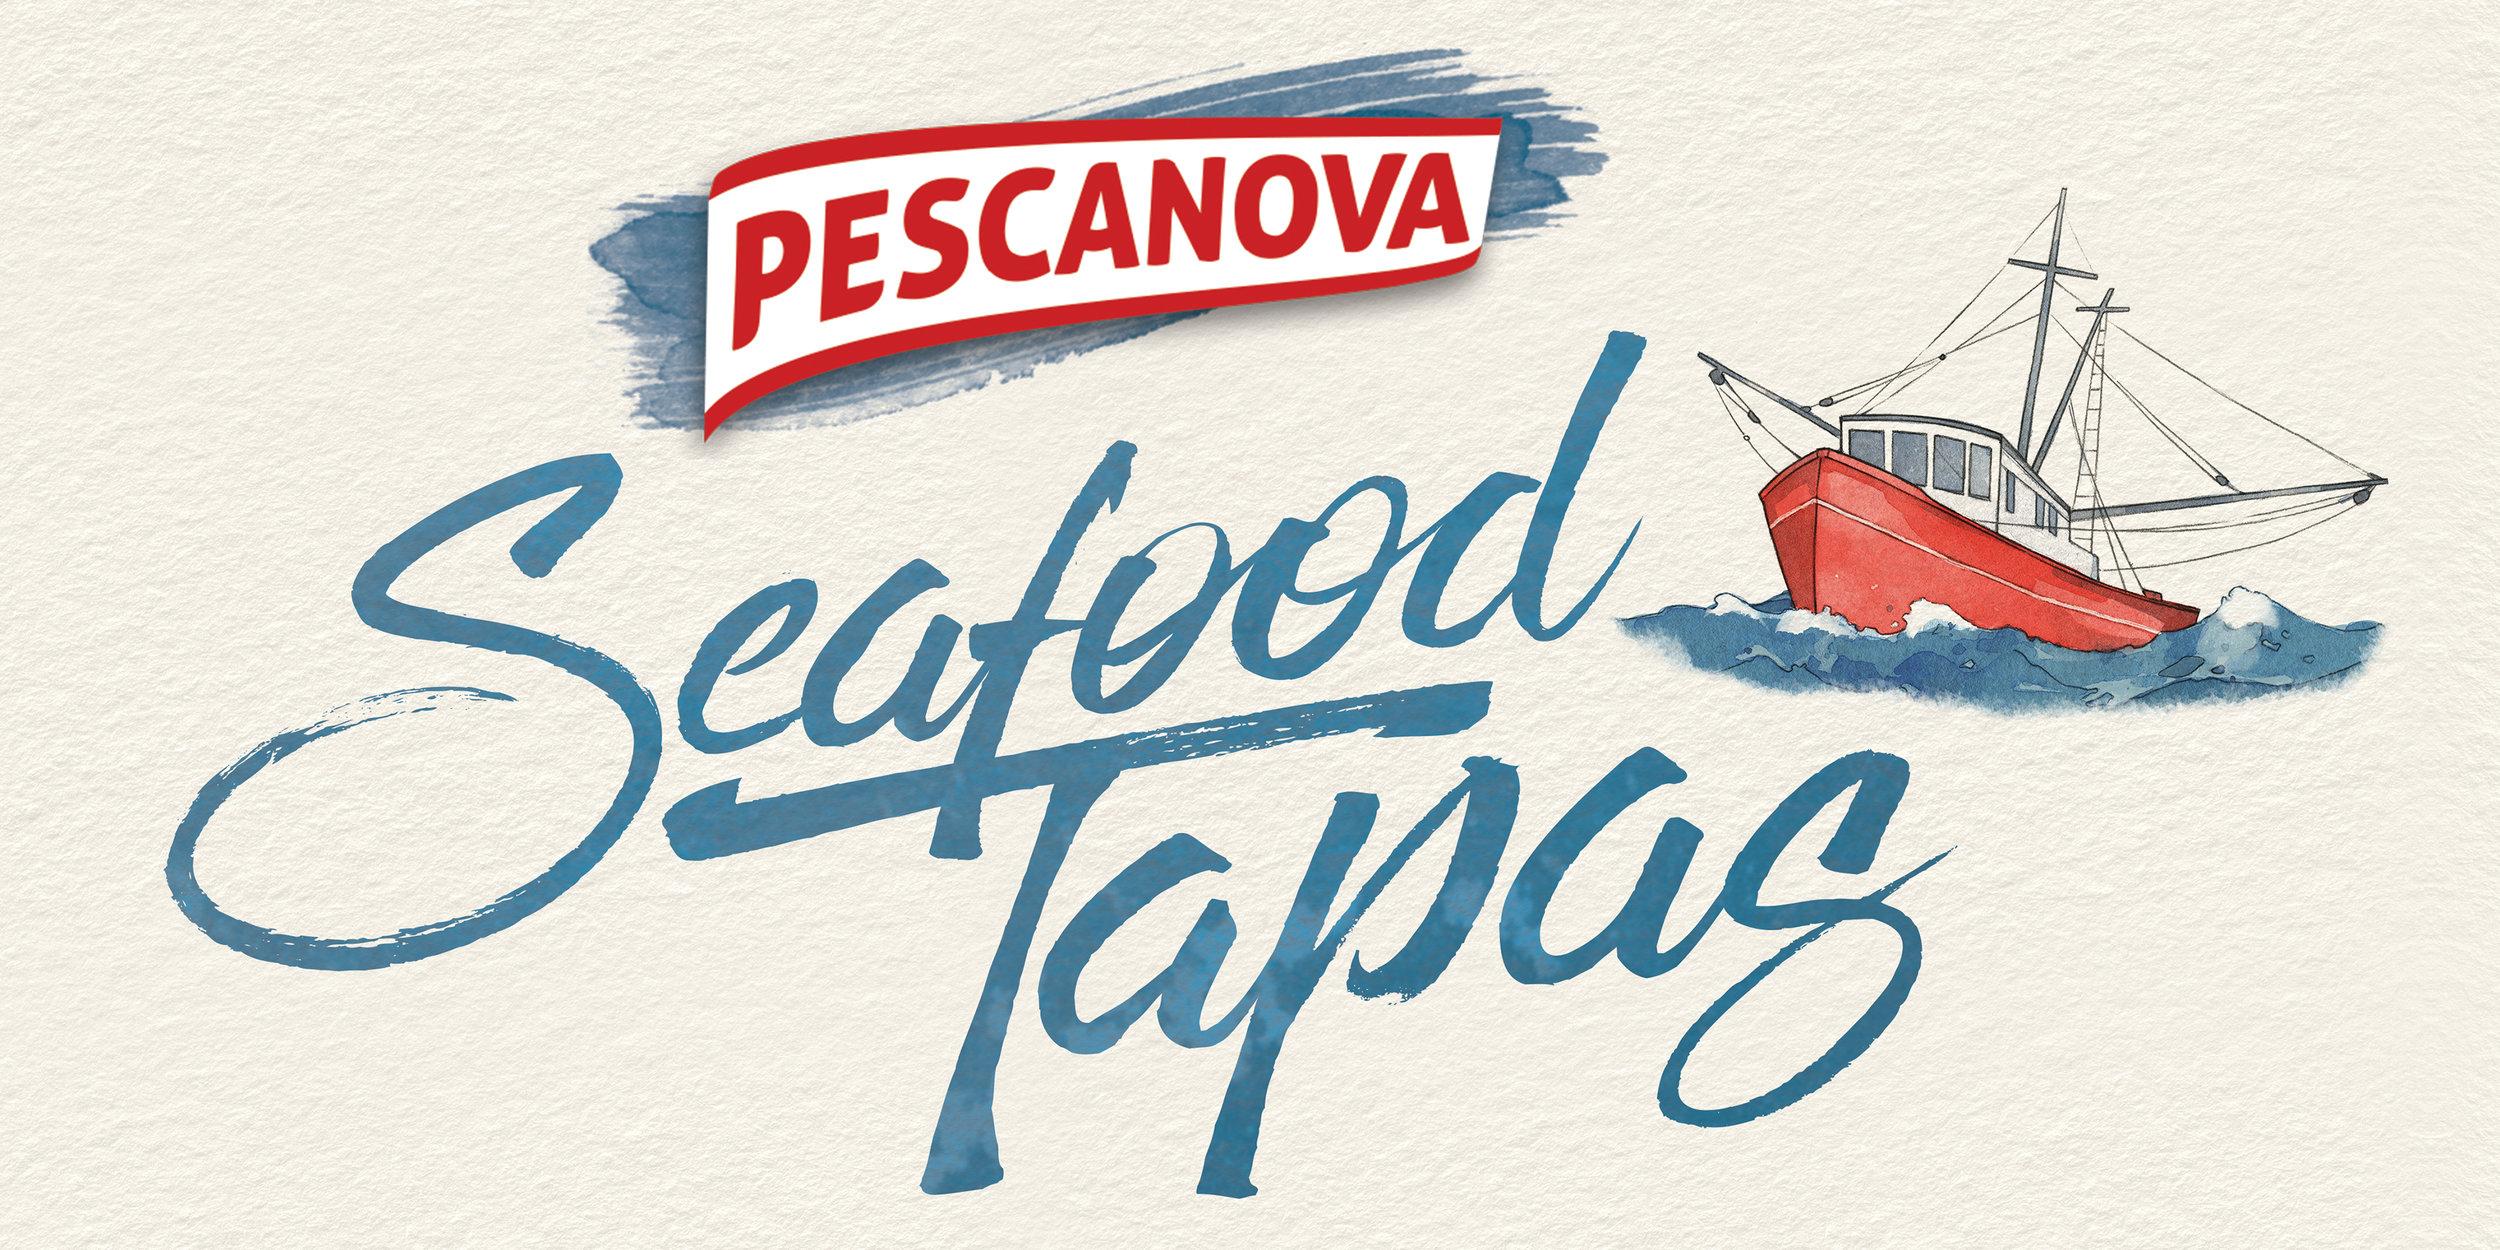 Pescanova-thumbnail-3.jpg